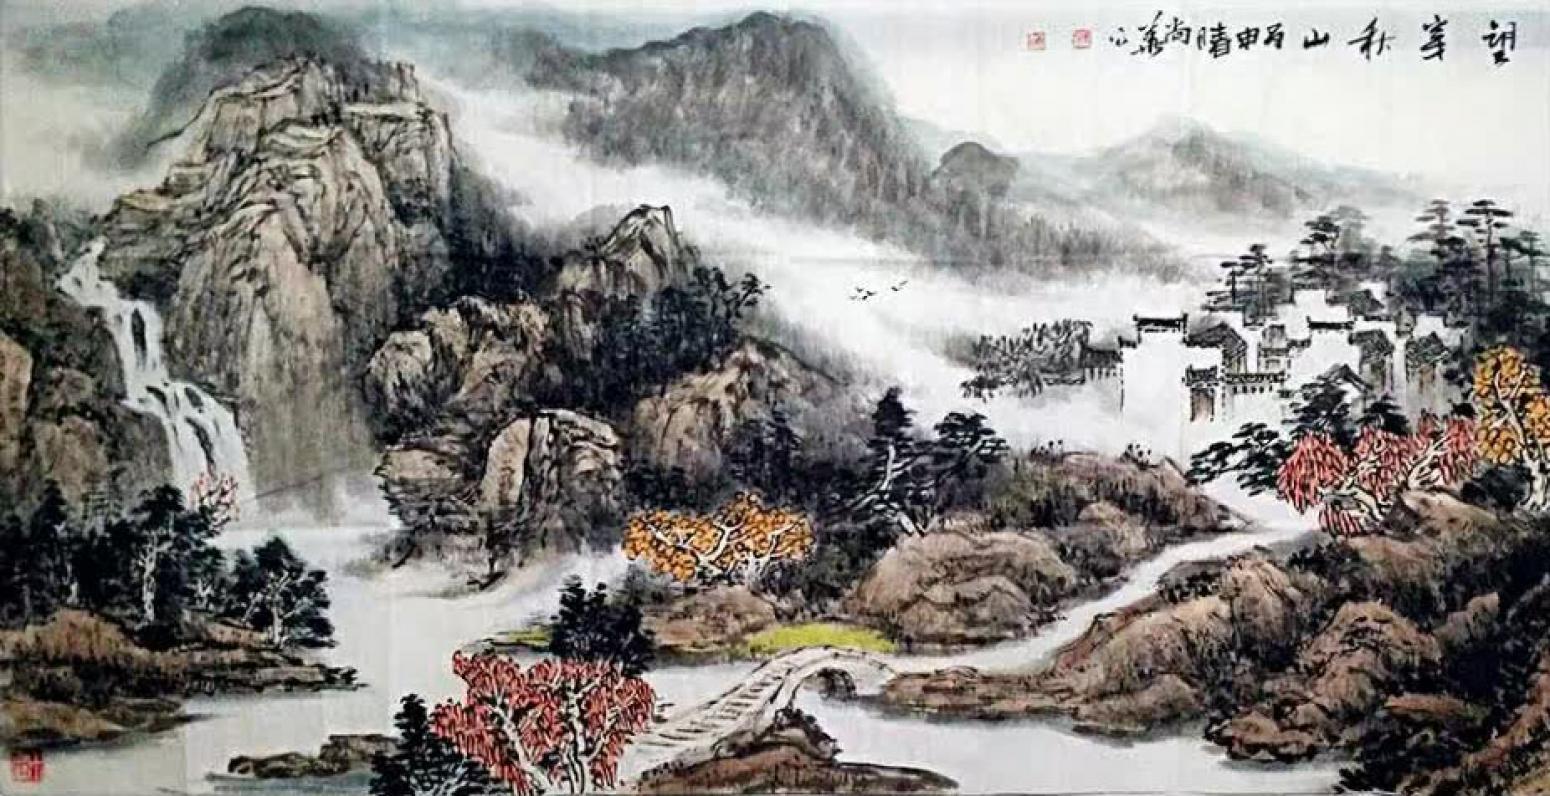 陶尚华国画作品《【山水】作者陶尚华》【图0】